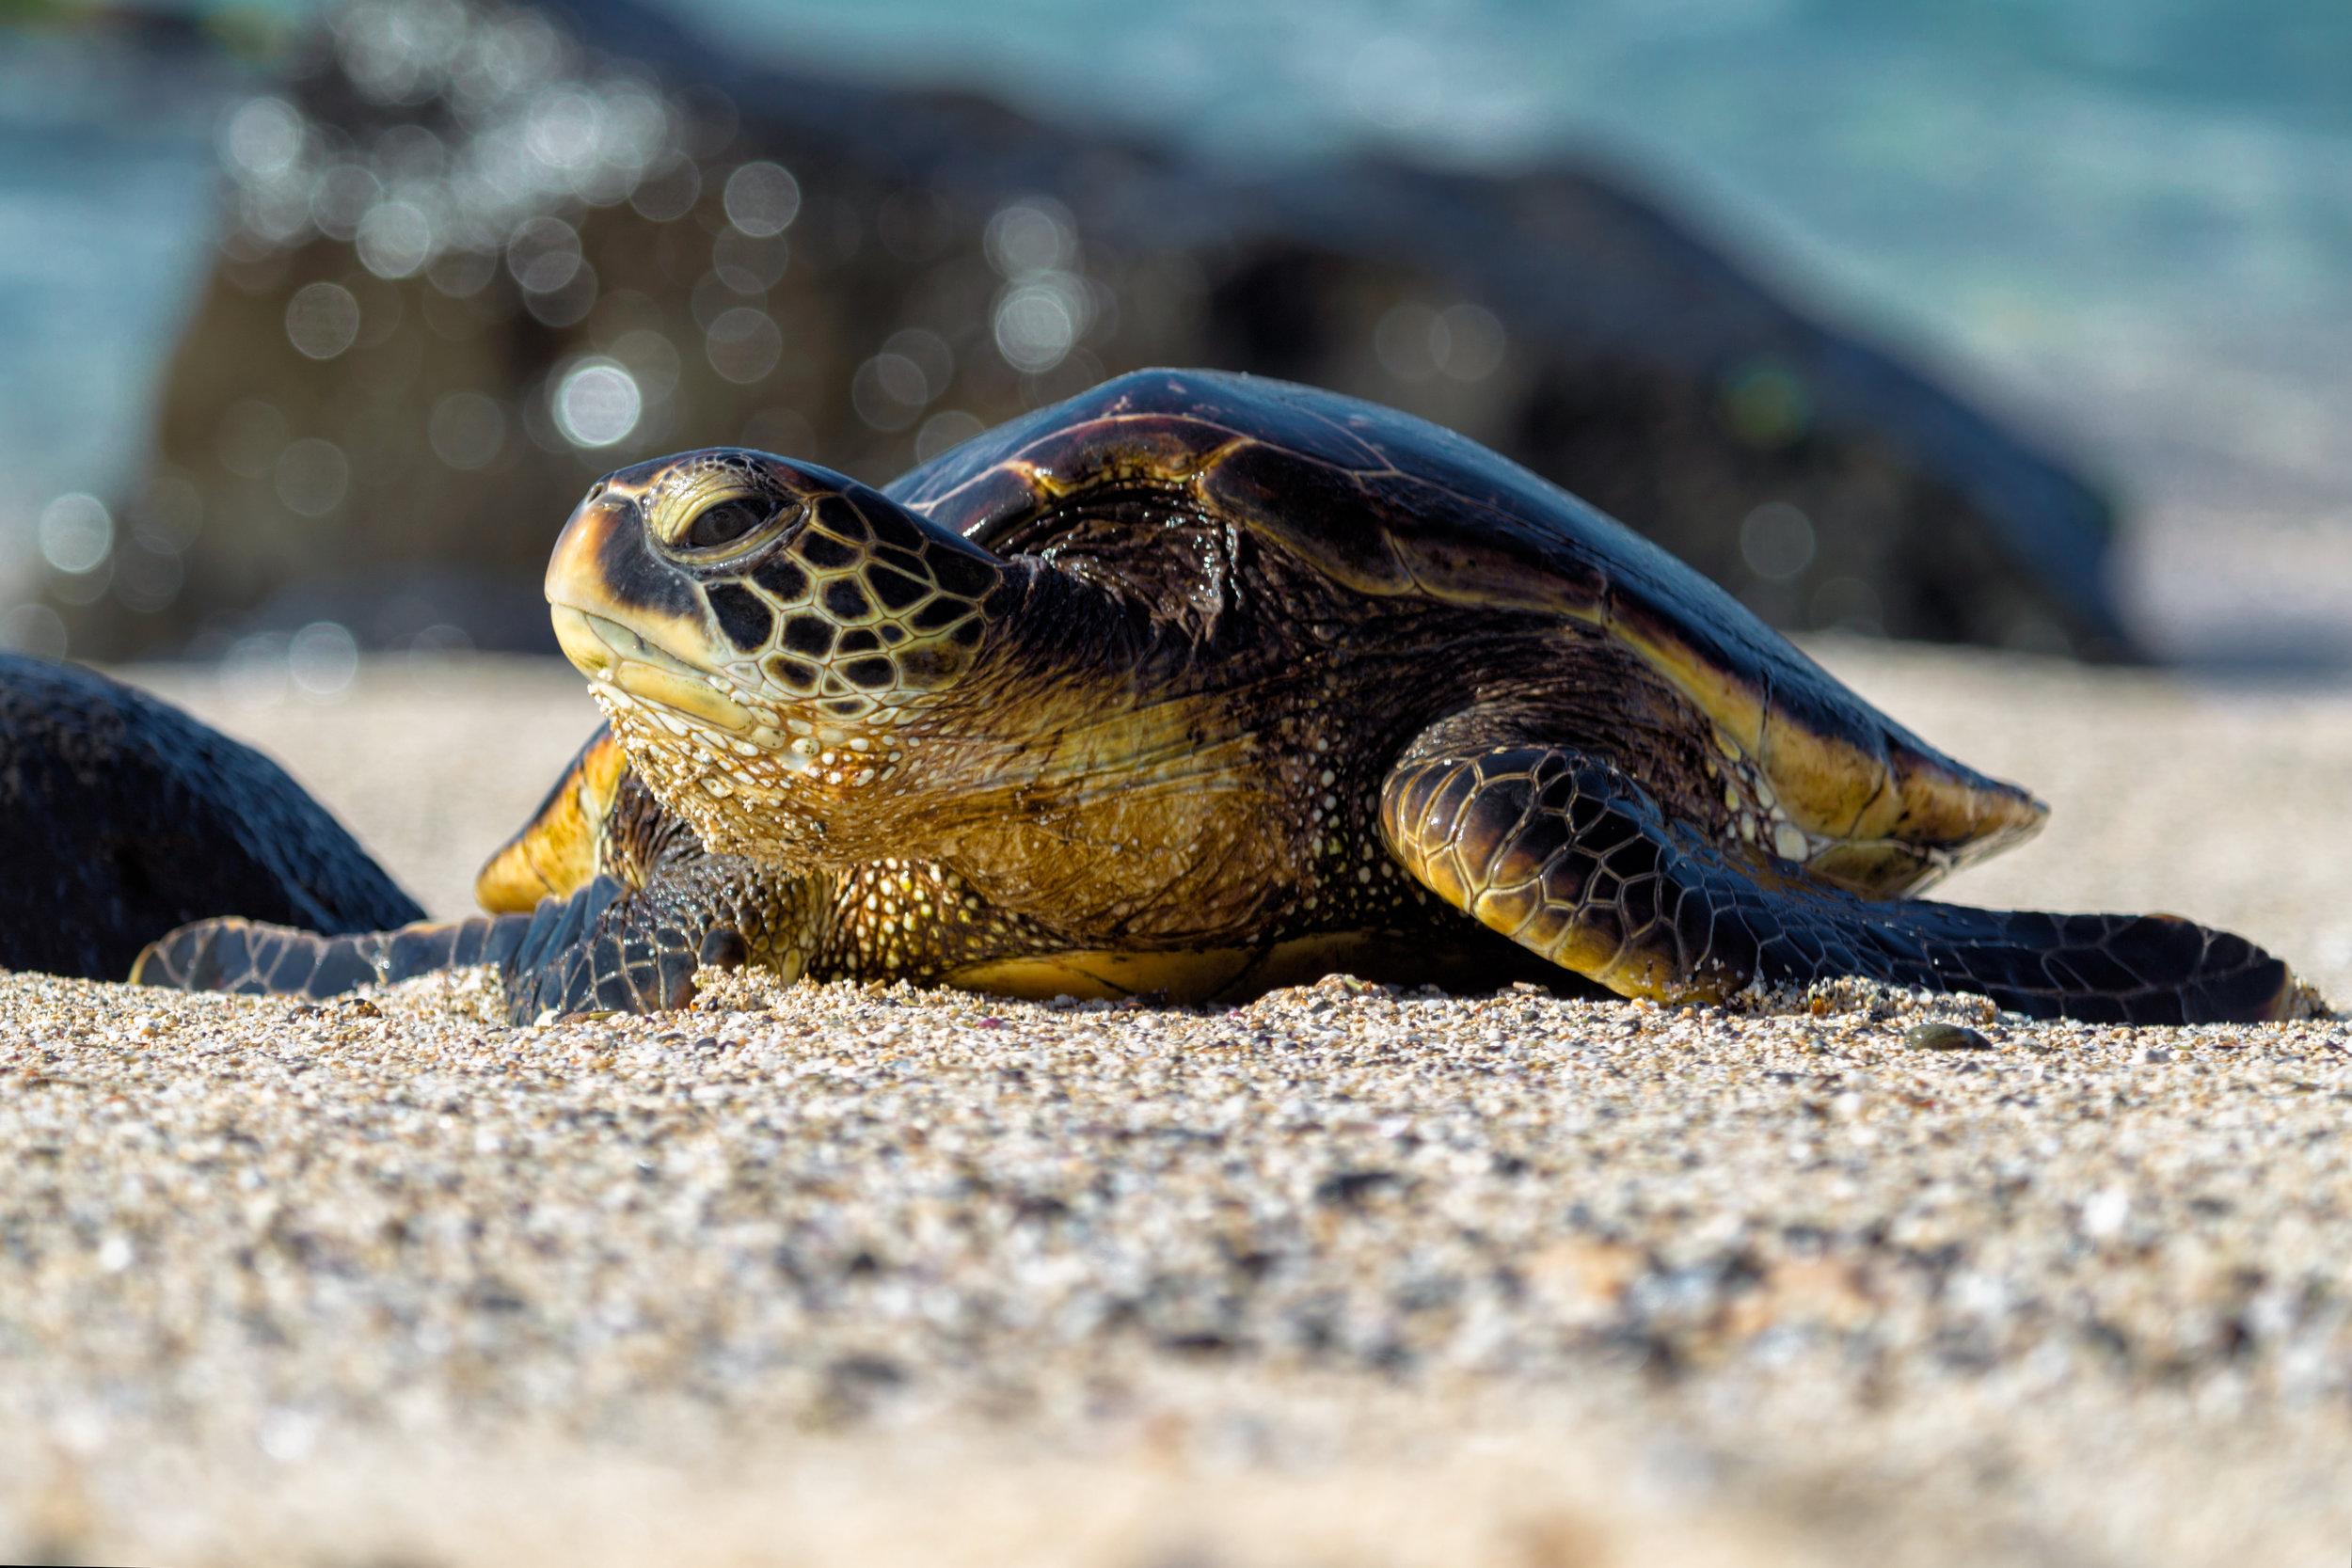 Baby-Turtle-Headup.jpg